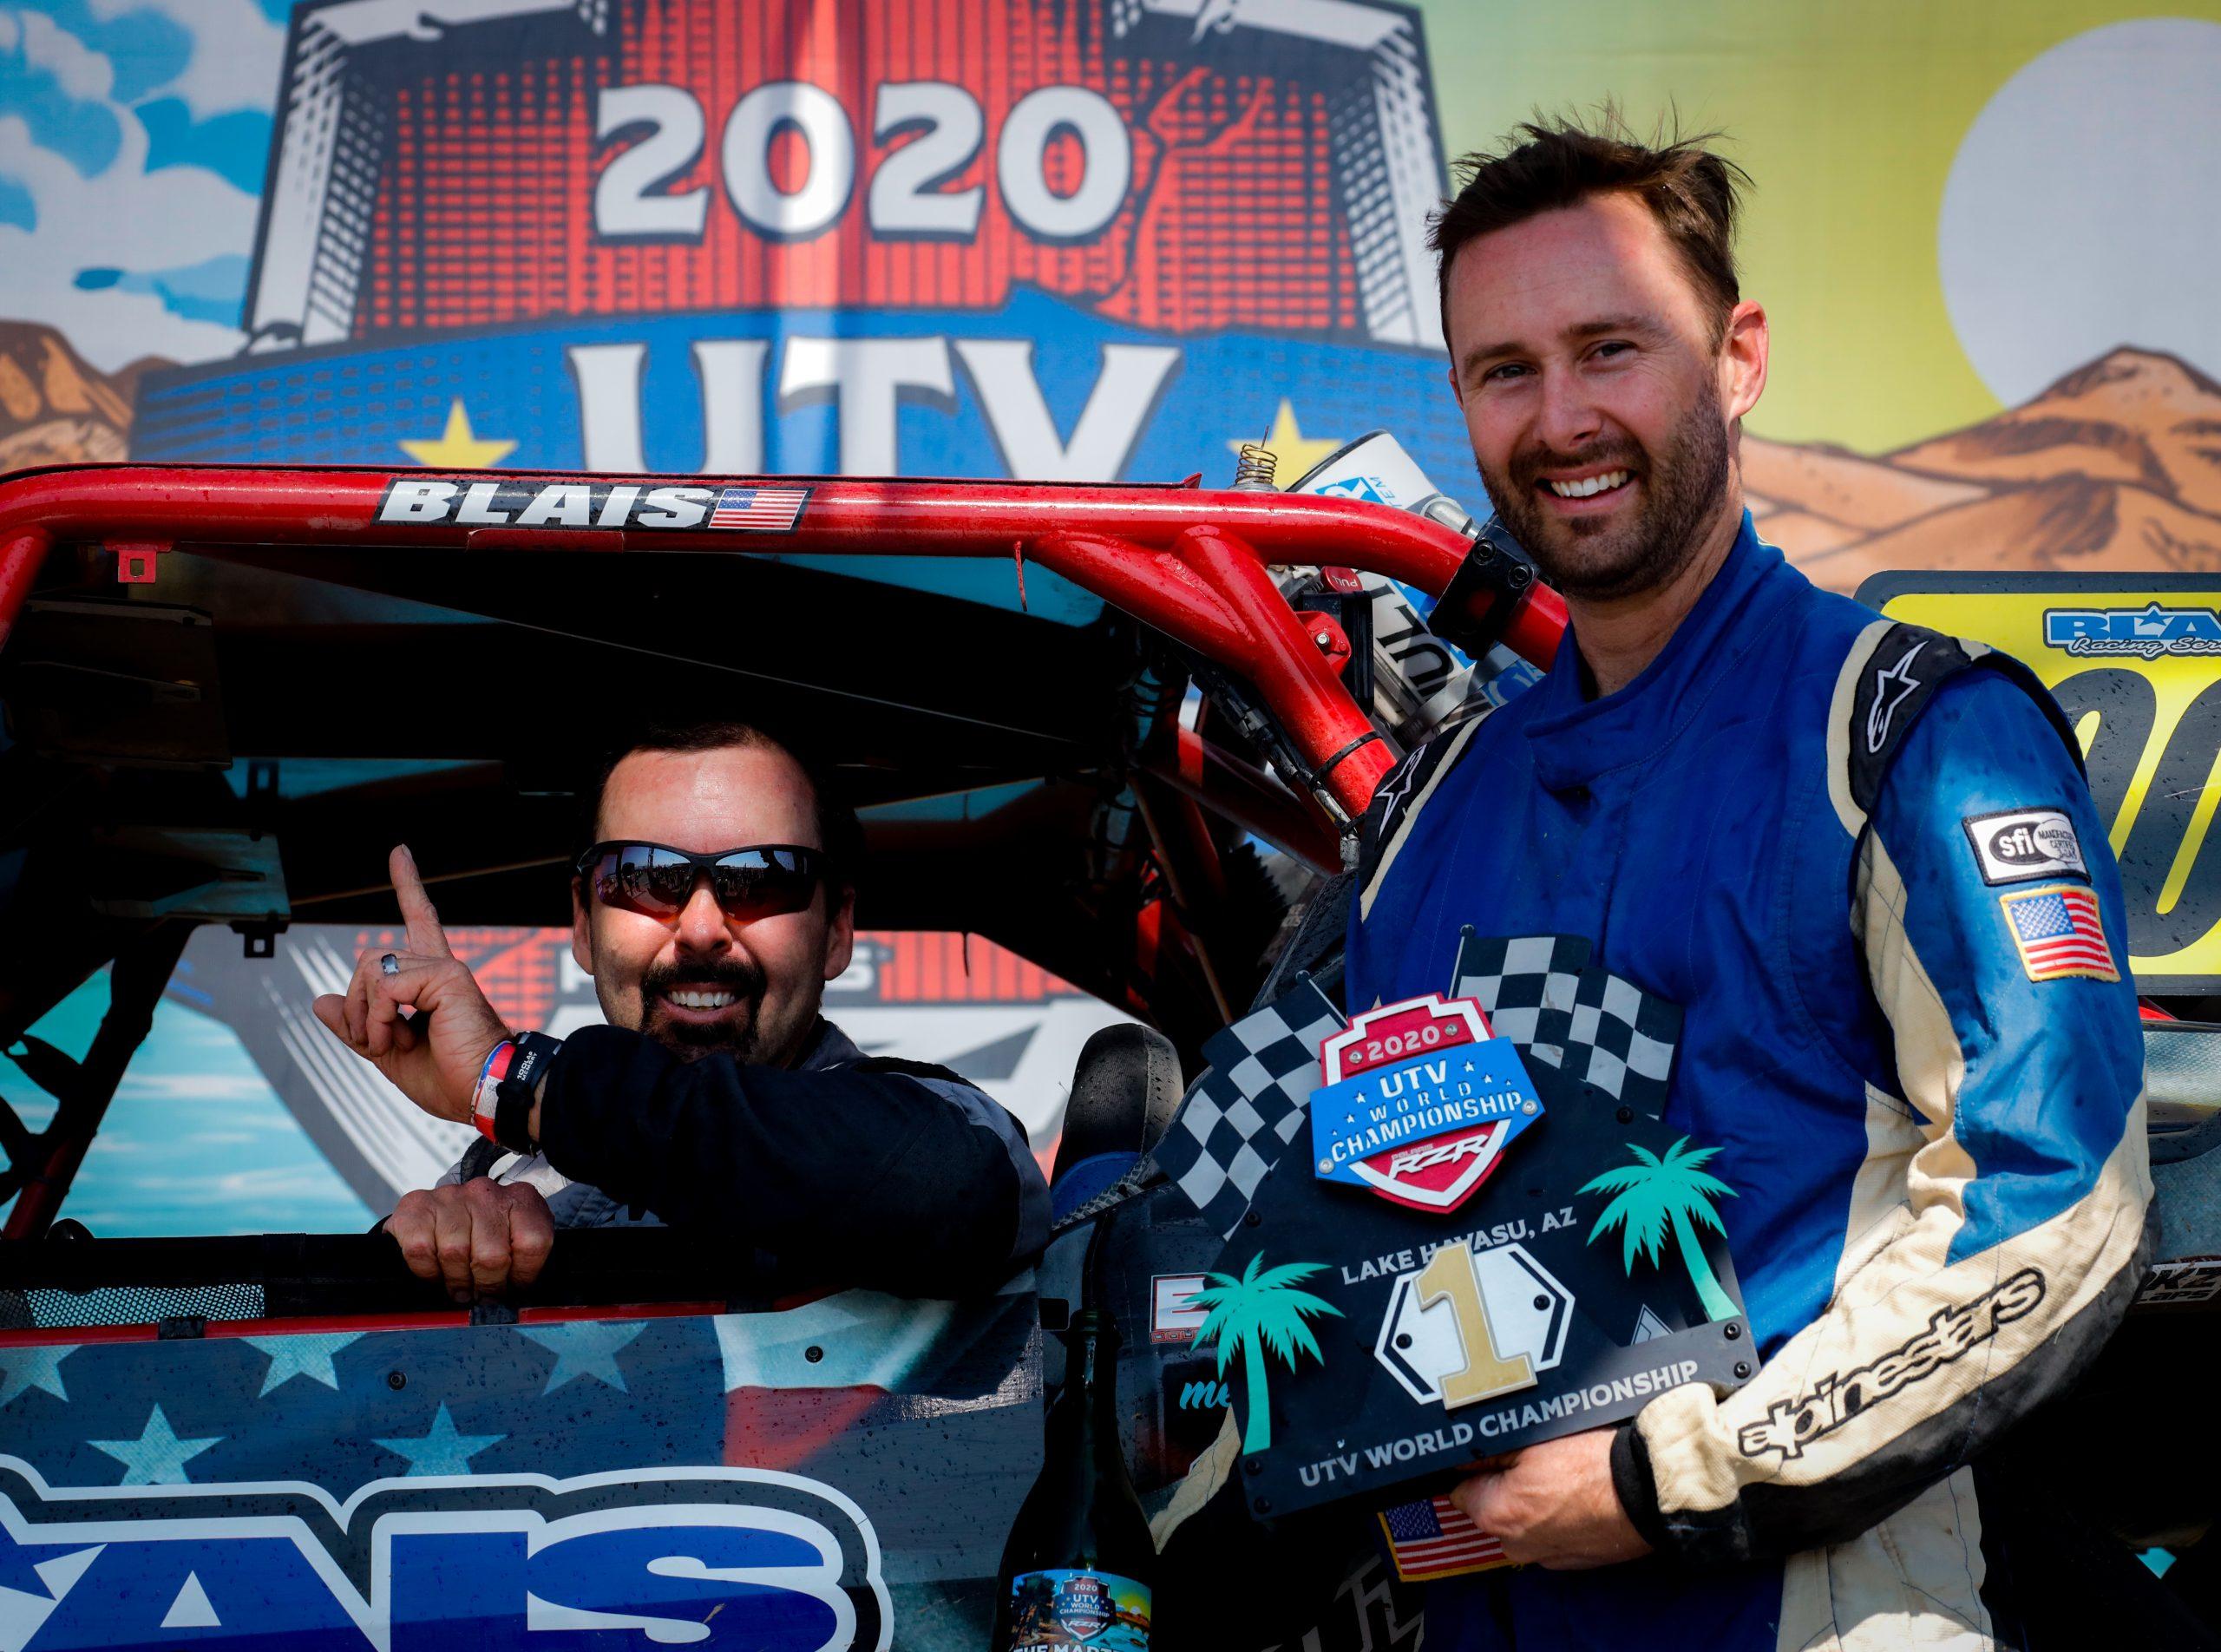 201011 The UTV World Championship (2)